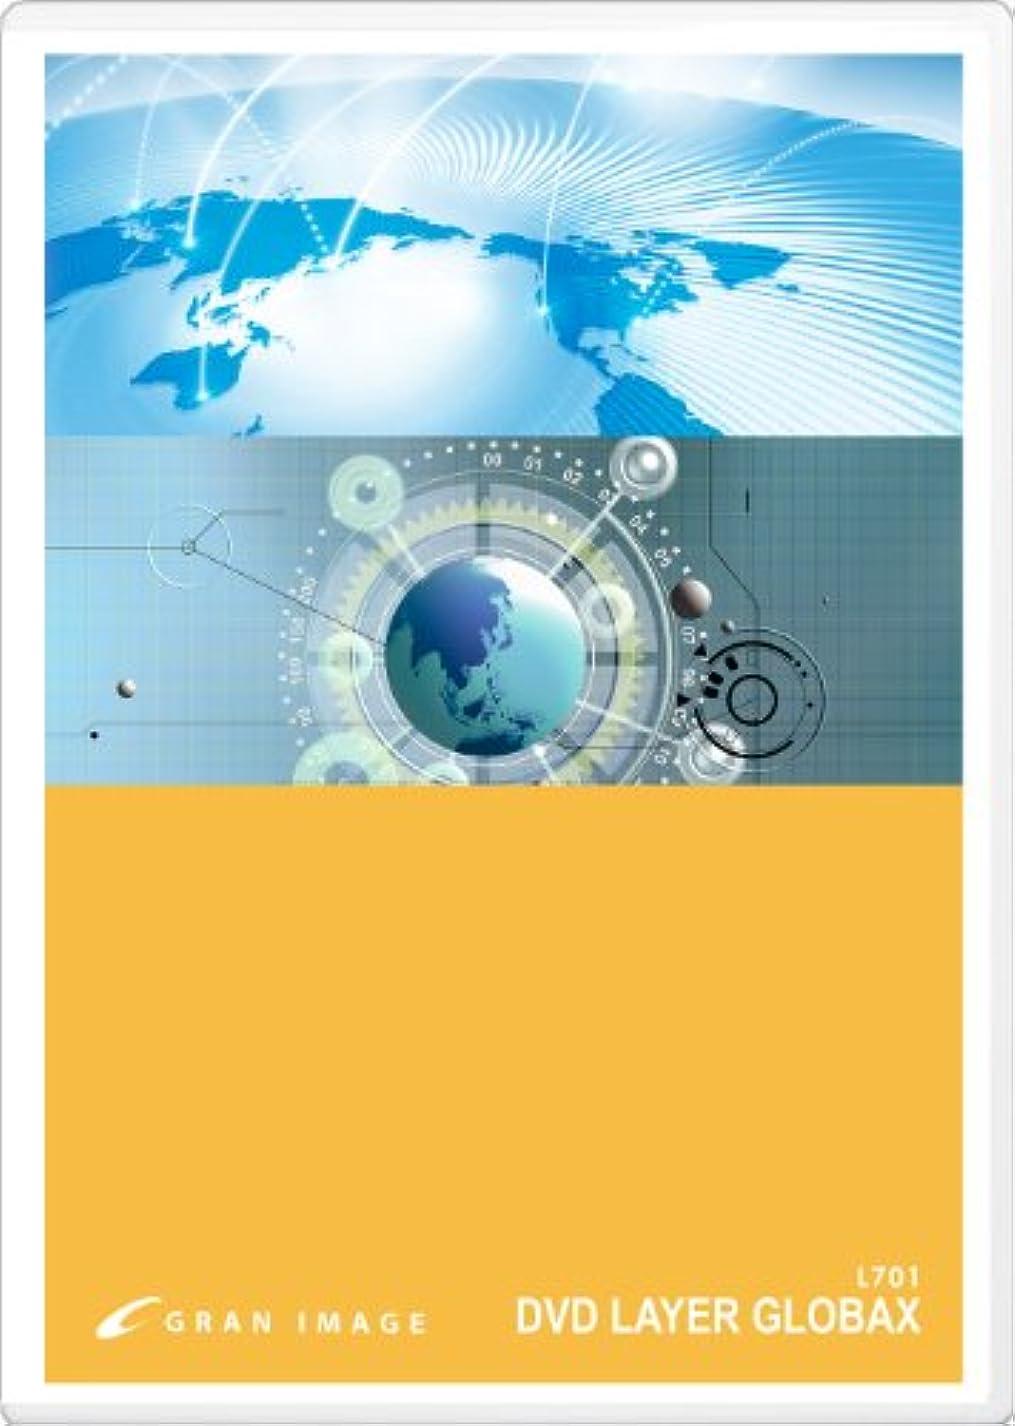 アマチュア電子上げるGRAN IMAGE L701 DVD LAYER GLOBAX